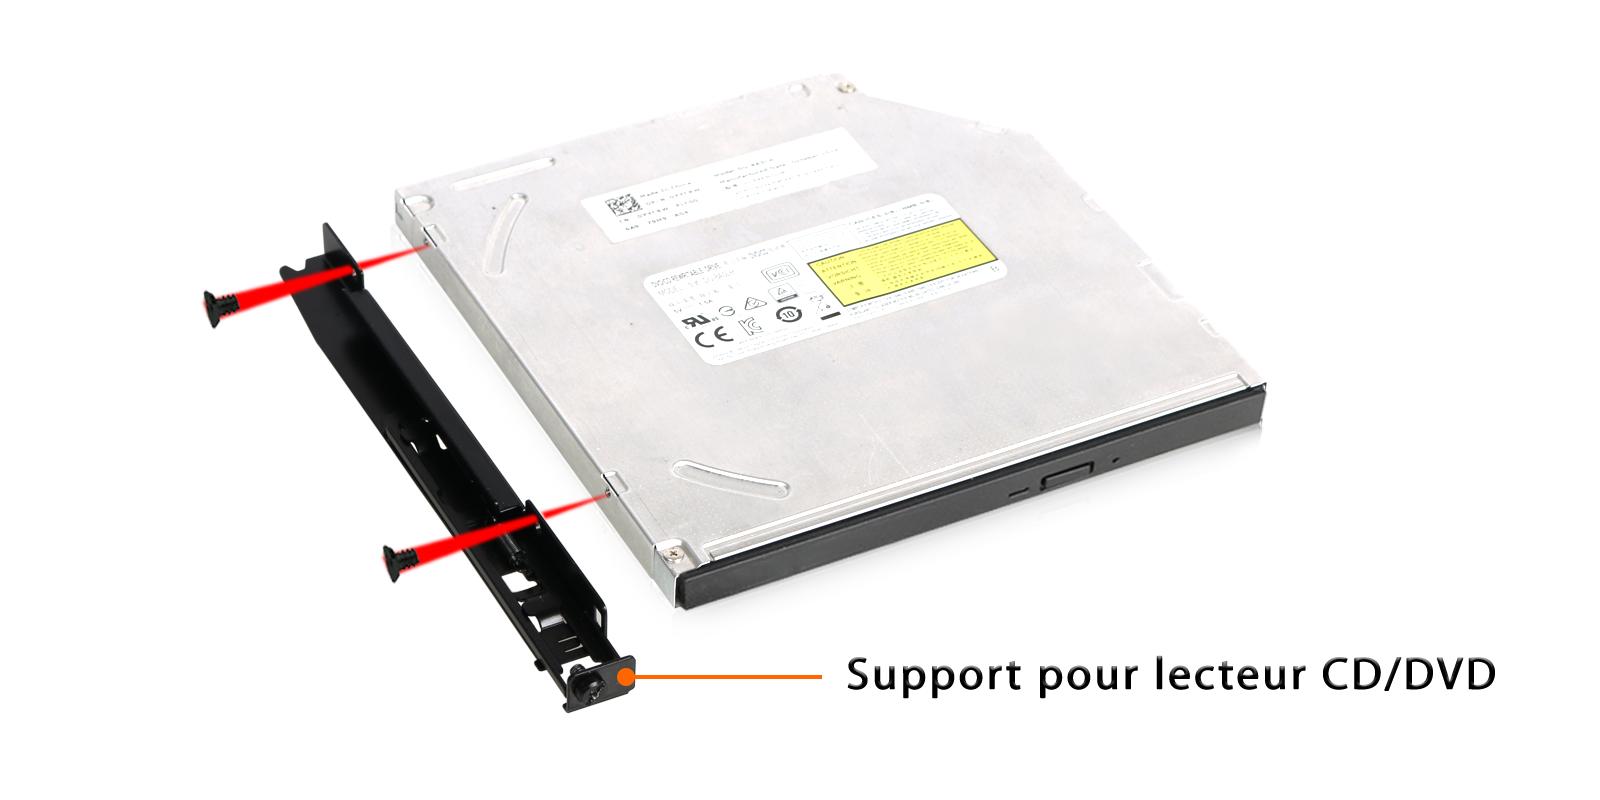 Photo du support pour lecteur CD/DVD inclus dans le MB606SPO-B